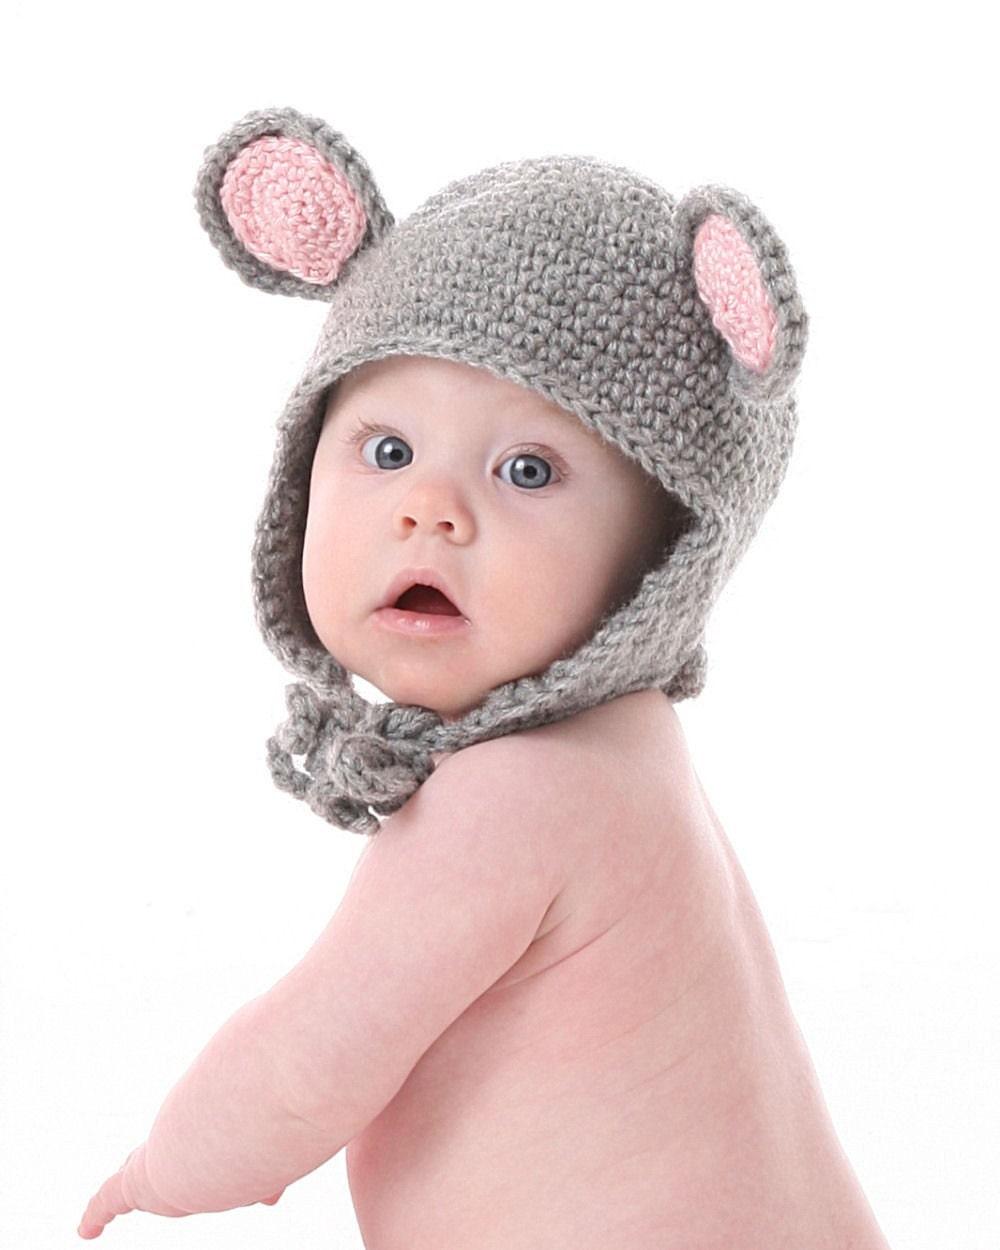 Вязание прикольных шапок для новорожденных